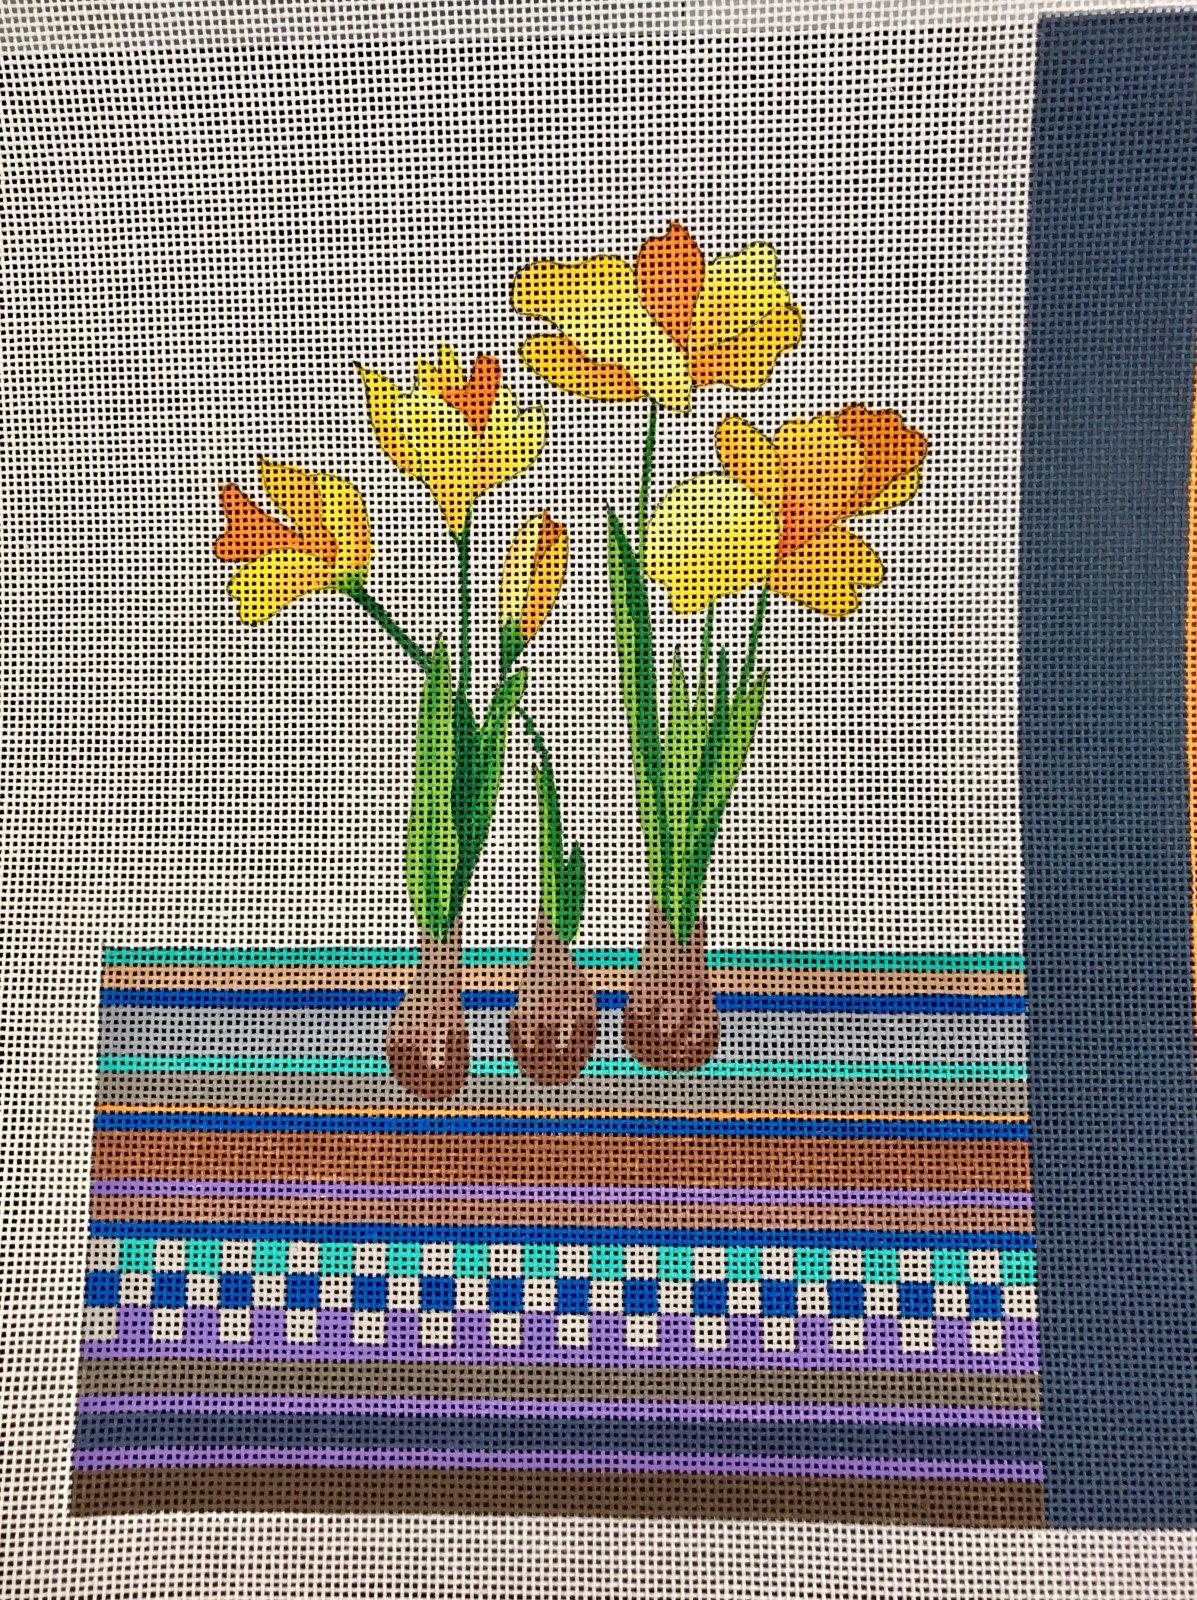 Daffodils w/SG